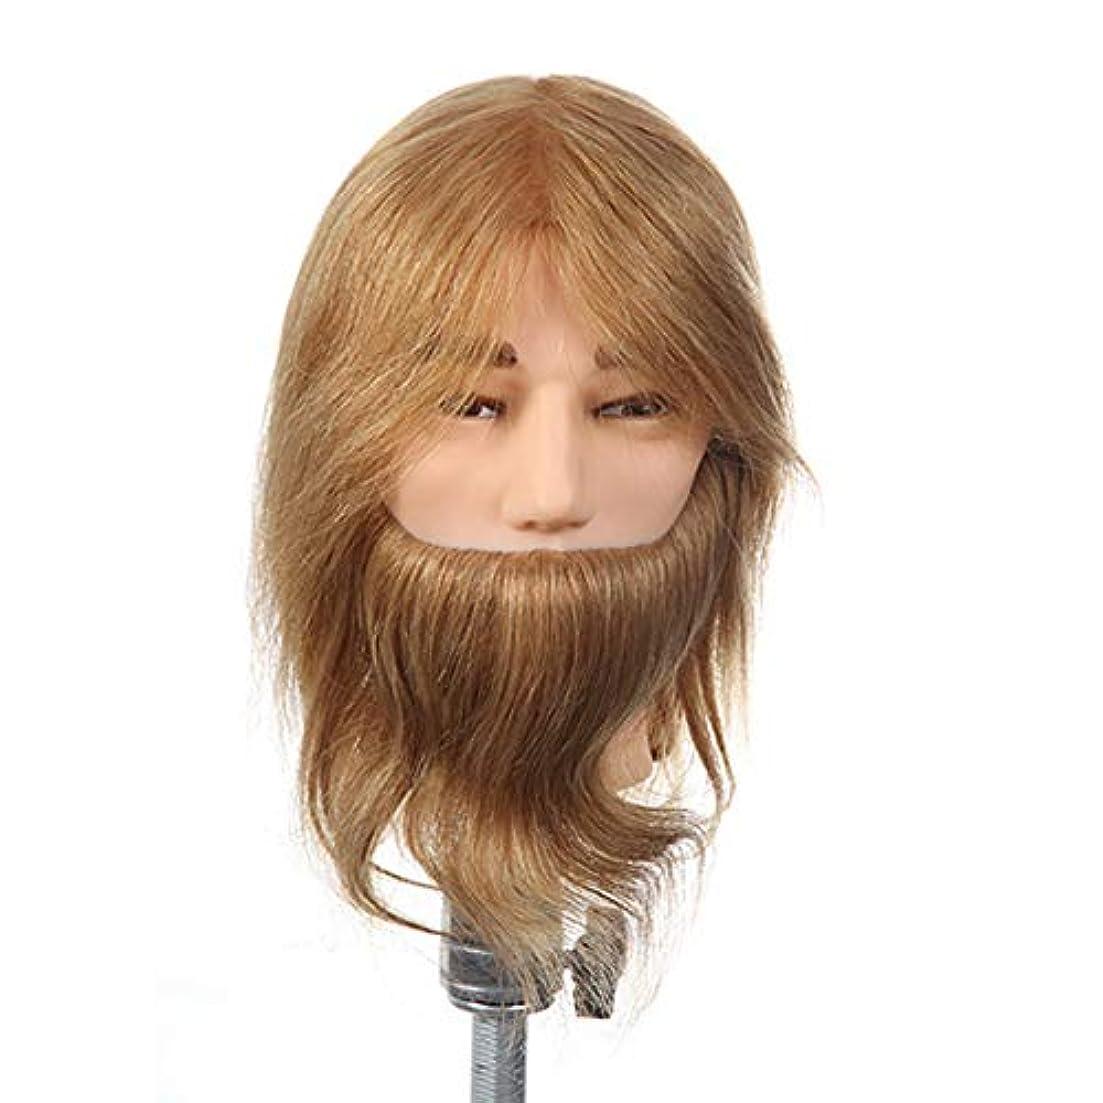 流す主人ほこりサロン学習パーマ髪染めマネキン男スタイリングかつらティーチングヘッドリアル人間の髪ダミーヘッド付きひげロングヘアゴールド